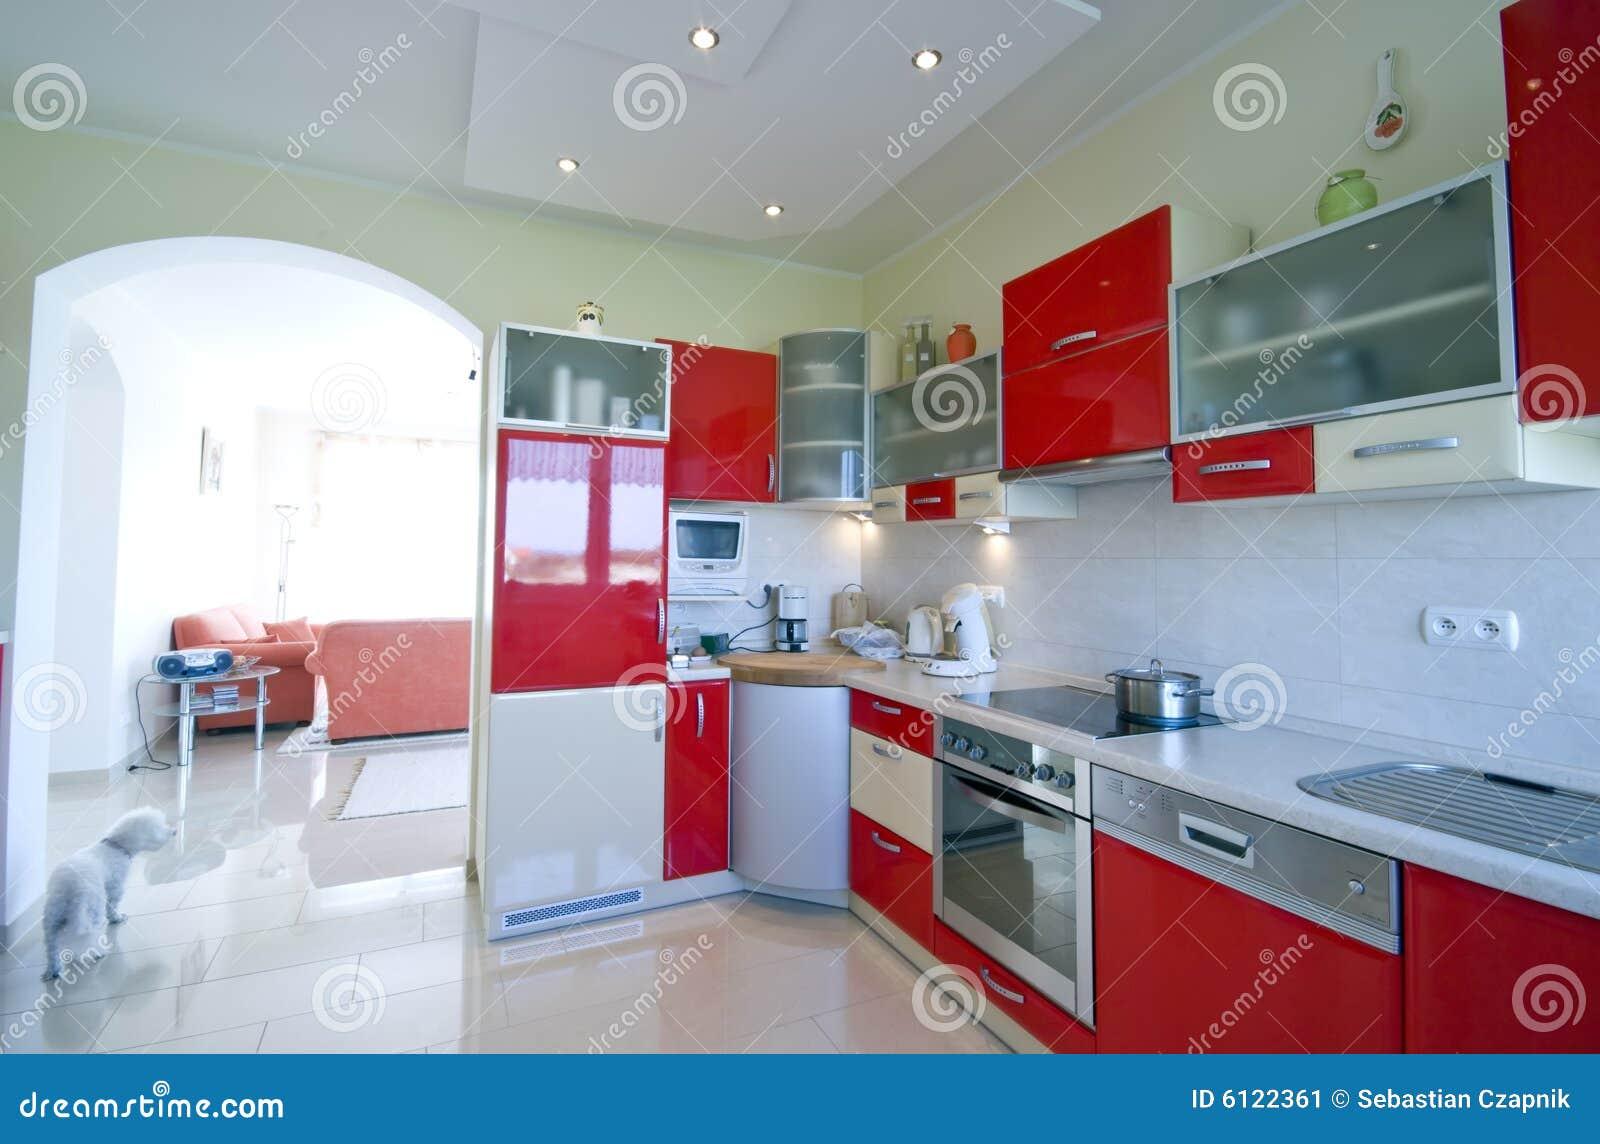 Cuisine rouge image stock image 6122361 for Cuisine bois et rouge